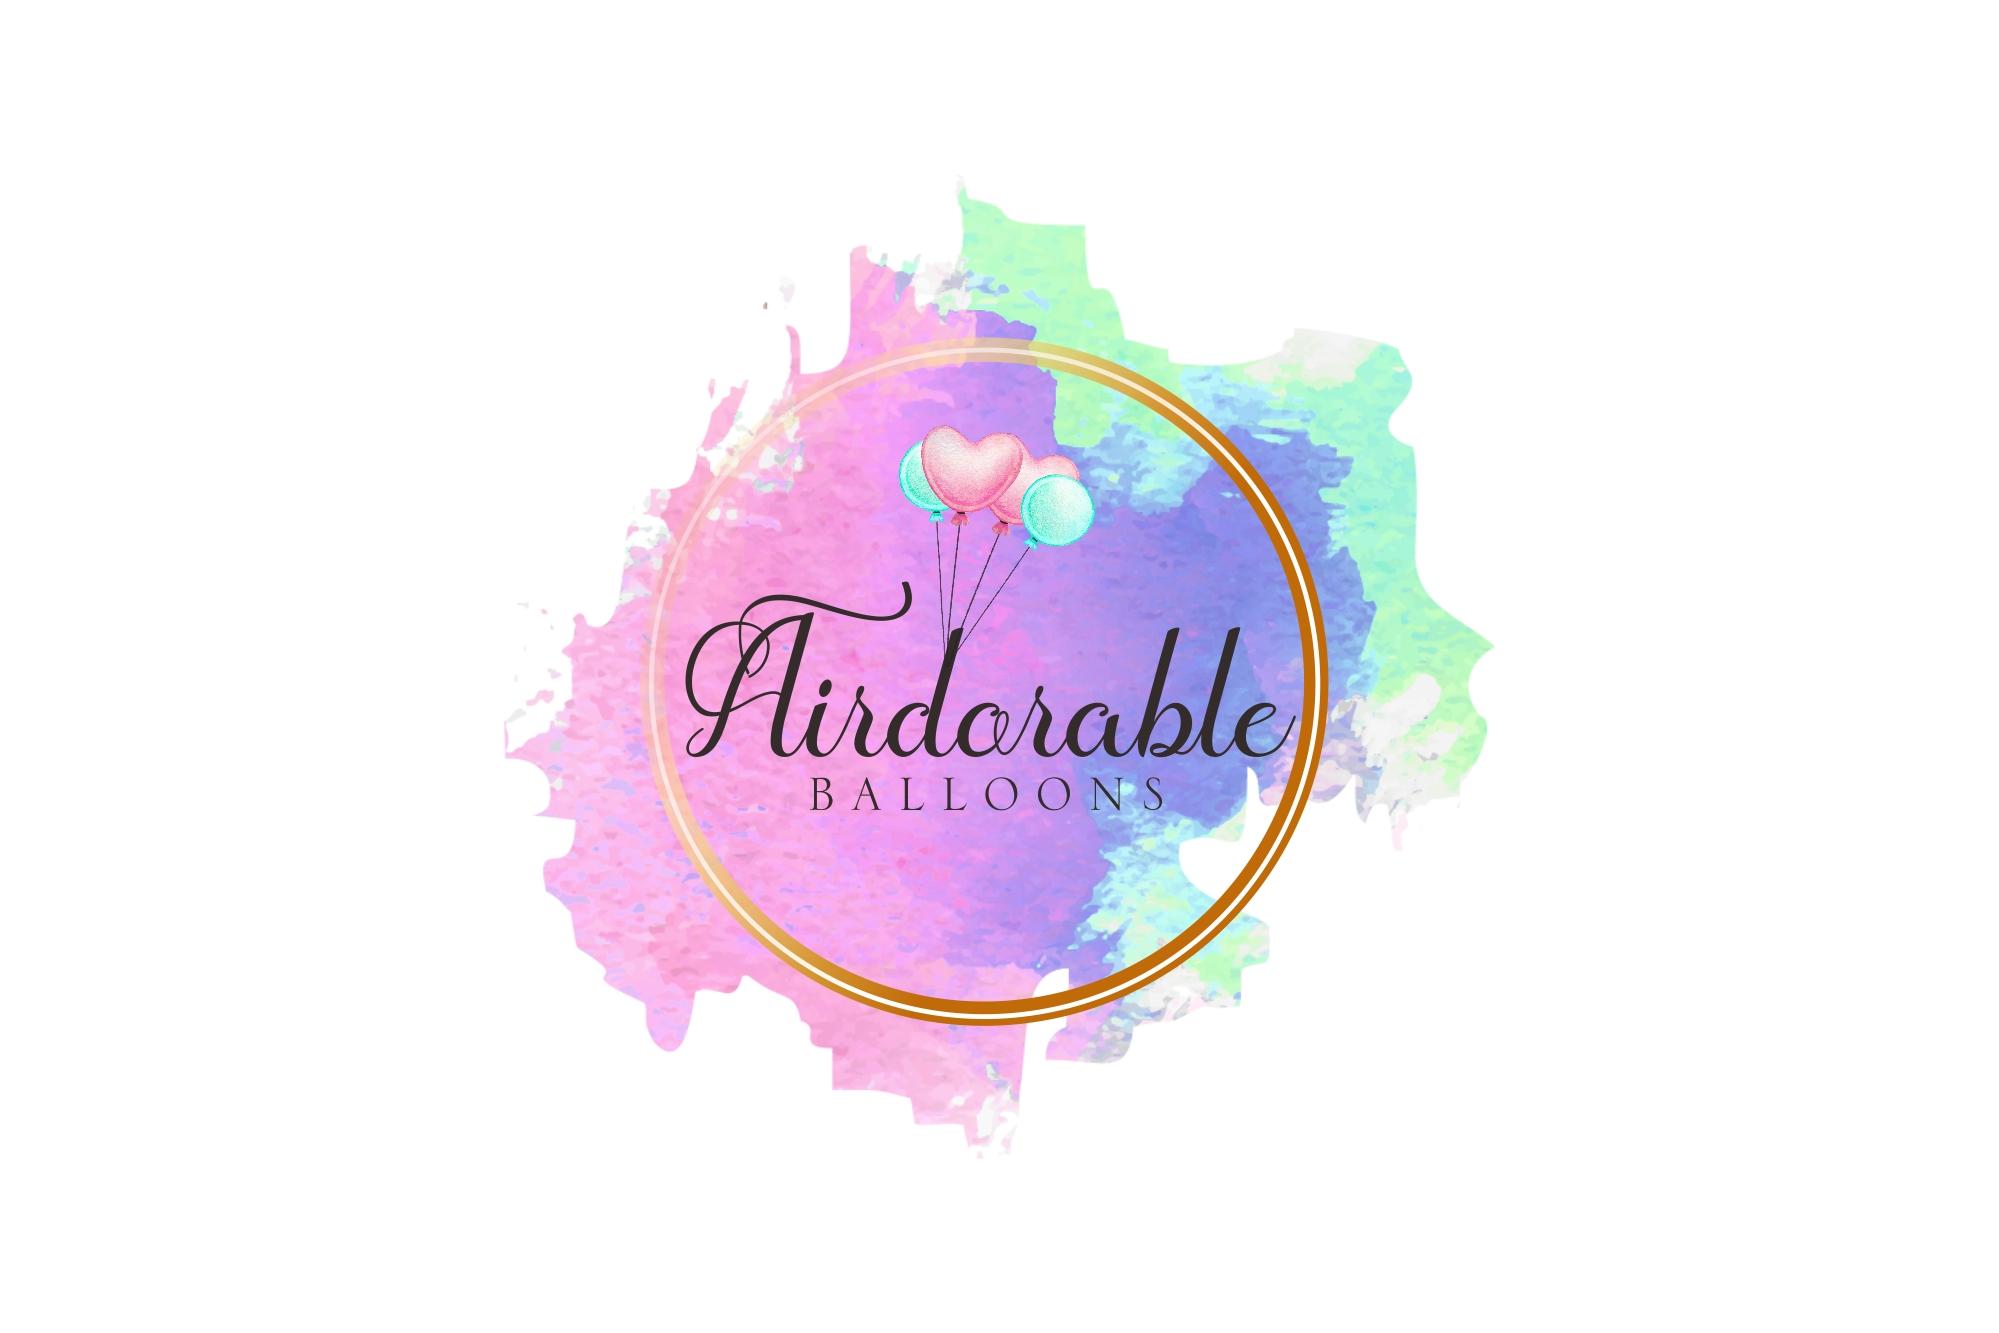 Airdorable Balloons